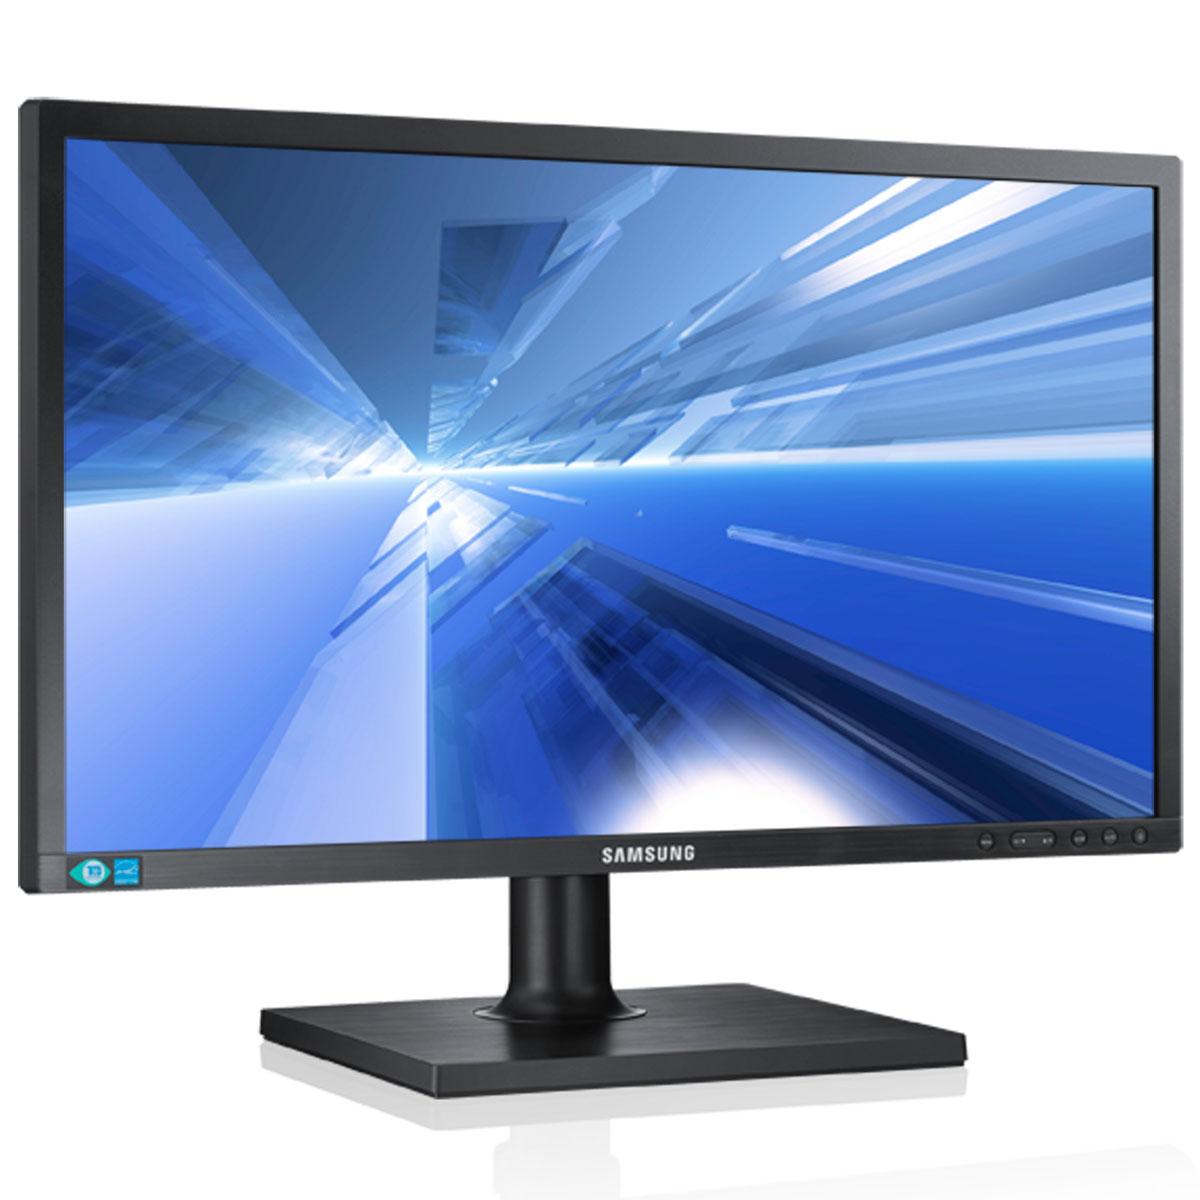 """Ecran PC Samsung 21.5"""" LED - SyncMaster S22C450B 1920 x 1080 pixels - 5 ms - Format large 16/9 - Pivot - Noir (garantie constructeur 3 ans)"""